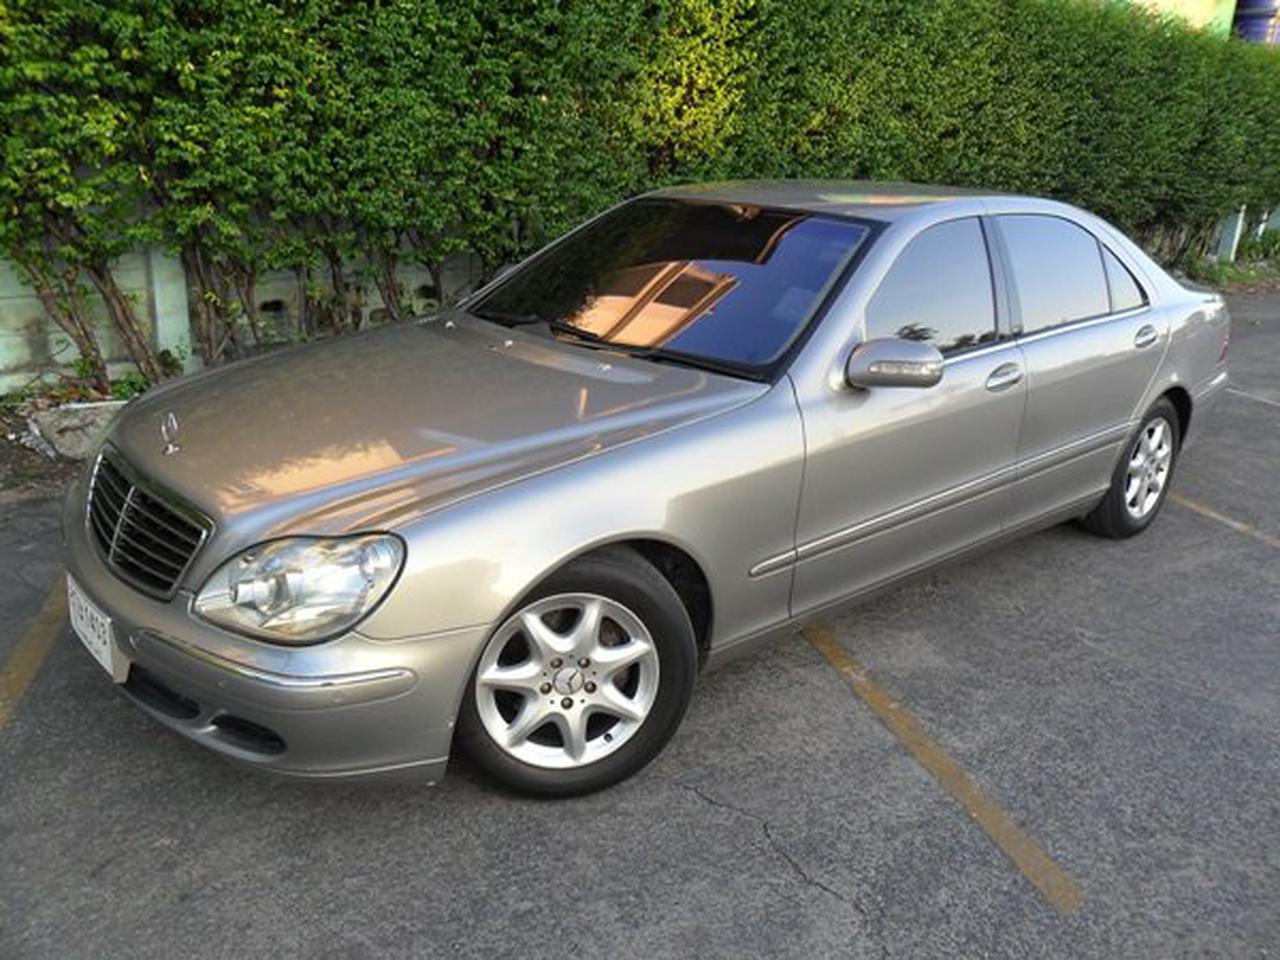 Benz S280 L 2004 ประวัติศูนย์ ระบบถุงลมและไฟฟ้าใช้งานได้สมบูรณ์ ไม่ติดแก๊ส สวยพร้อมใช้งาน  รูปที่ 4